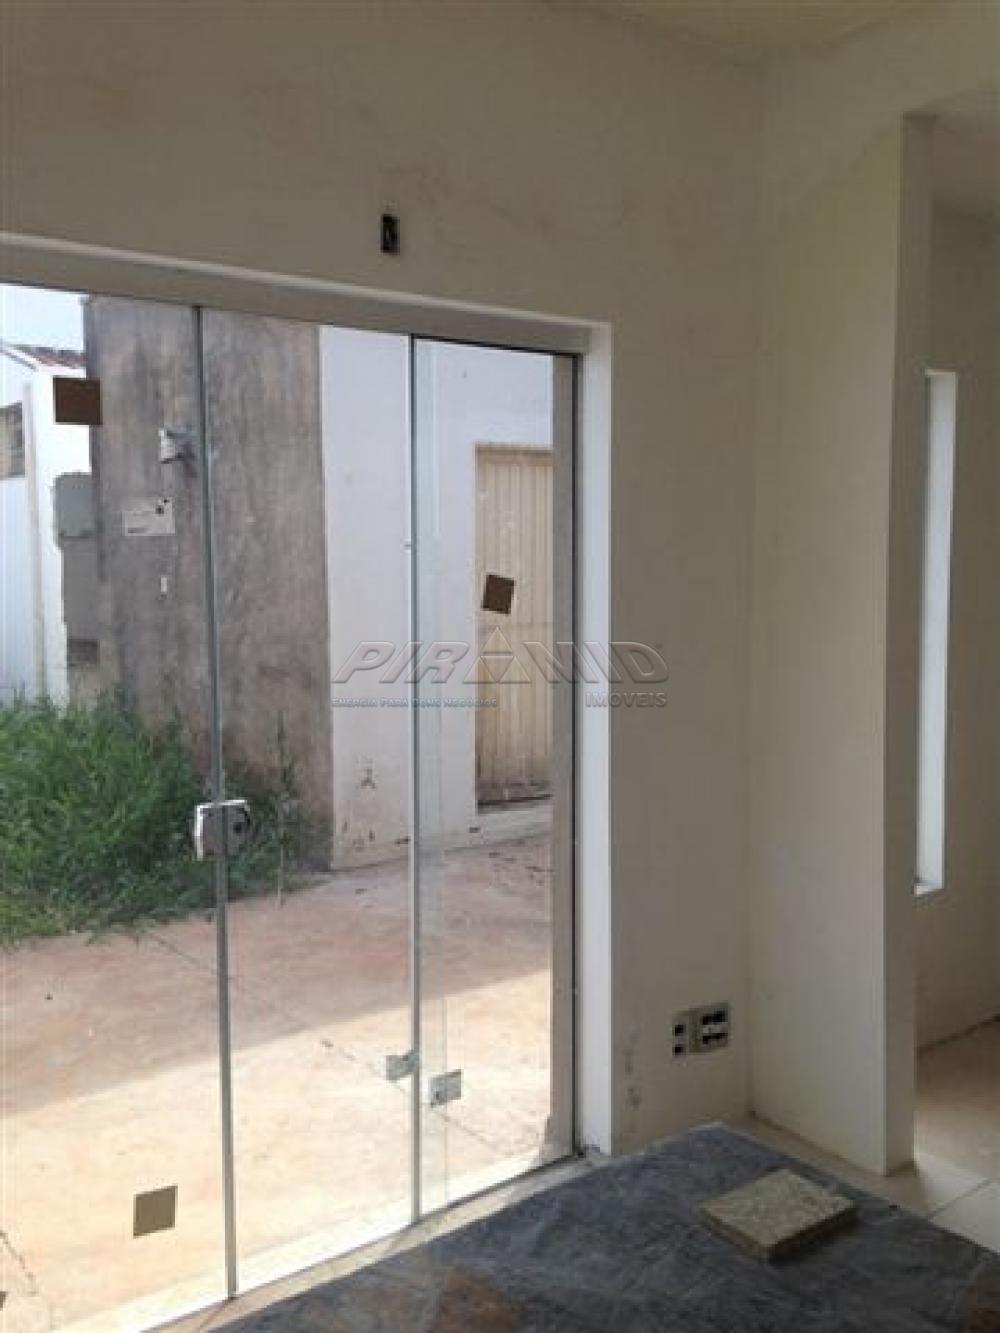 Alugar Casa / Padrão em Ribeirão Preto apenas R$ 4.500,00 - Foto 17